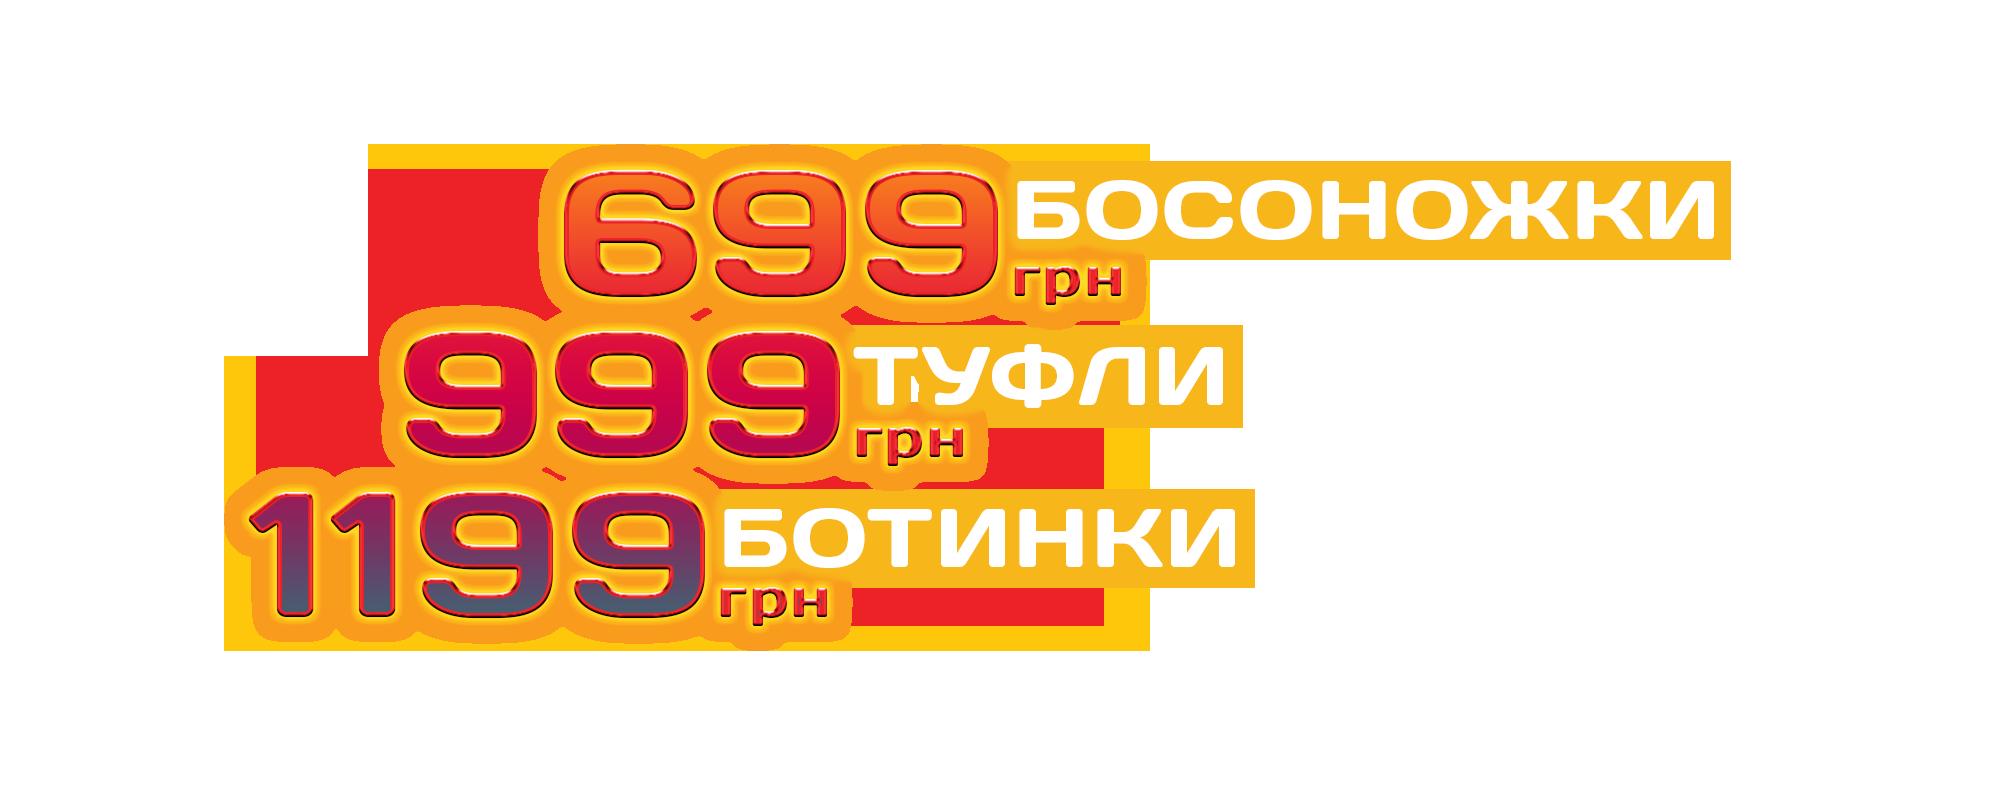 1e2ea38141e81 Магазин обуви Киев, Купить обувь в Украине, украинская обувь